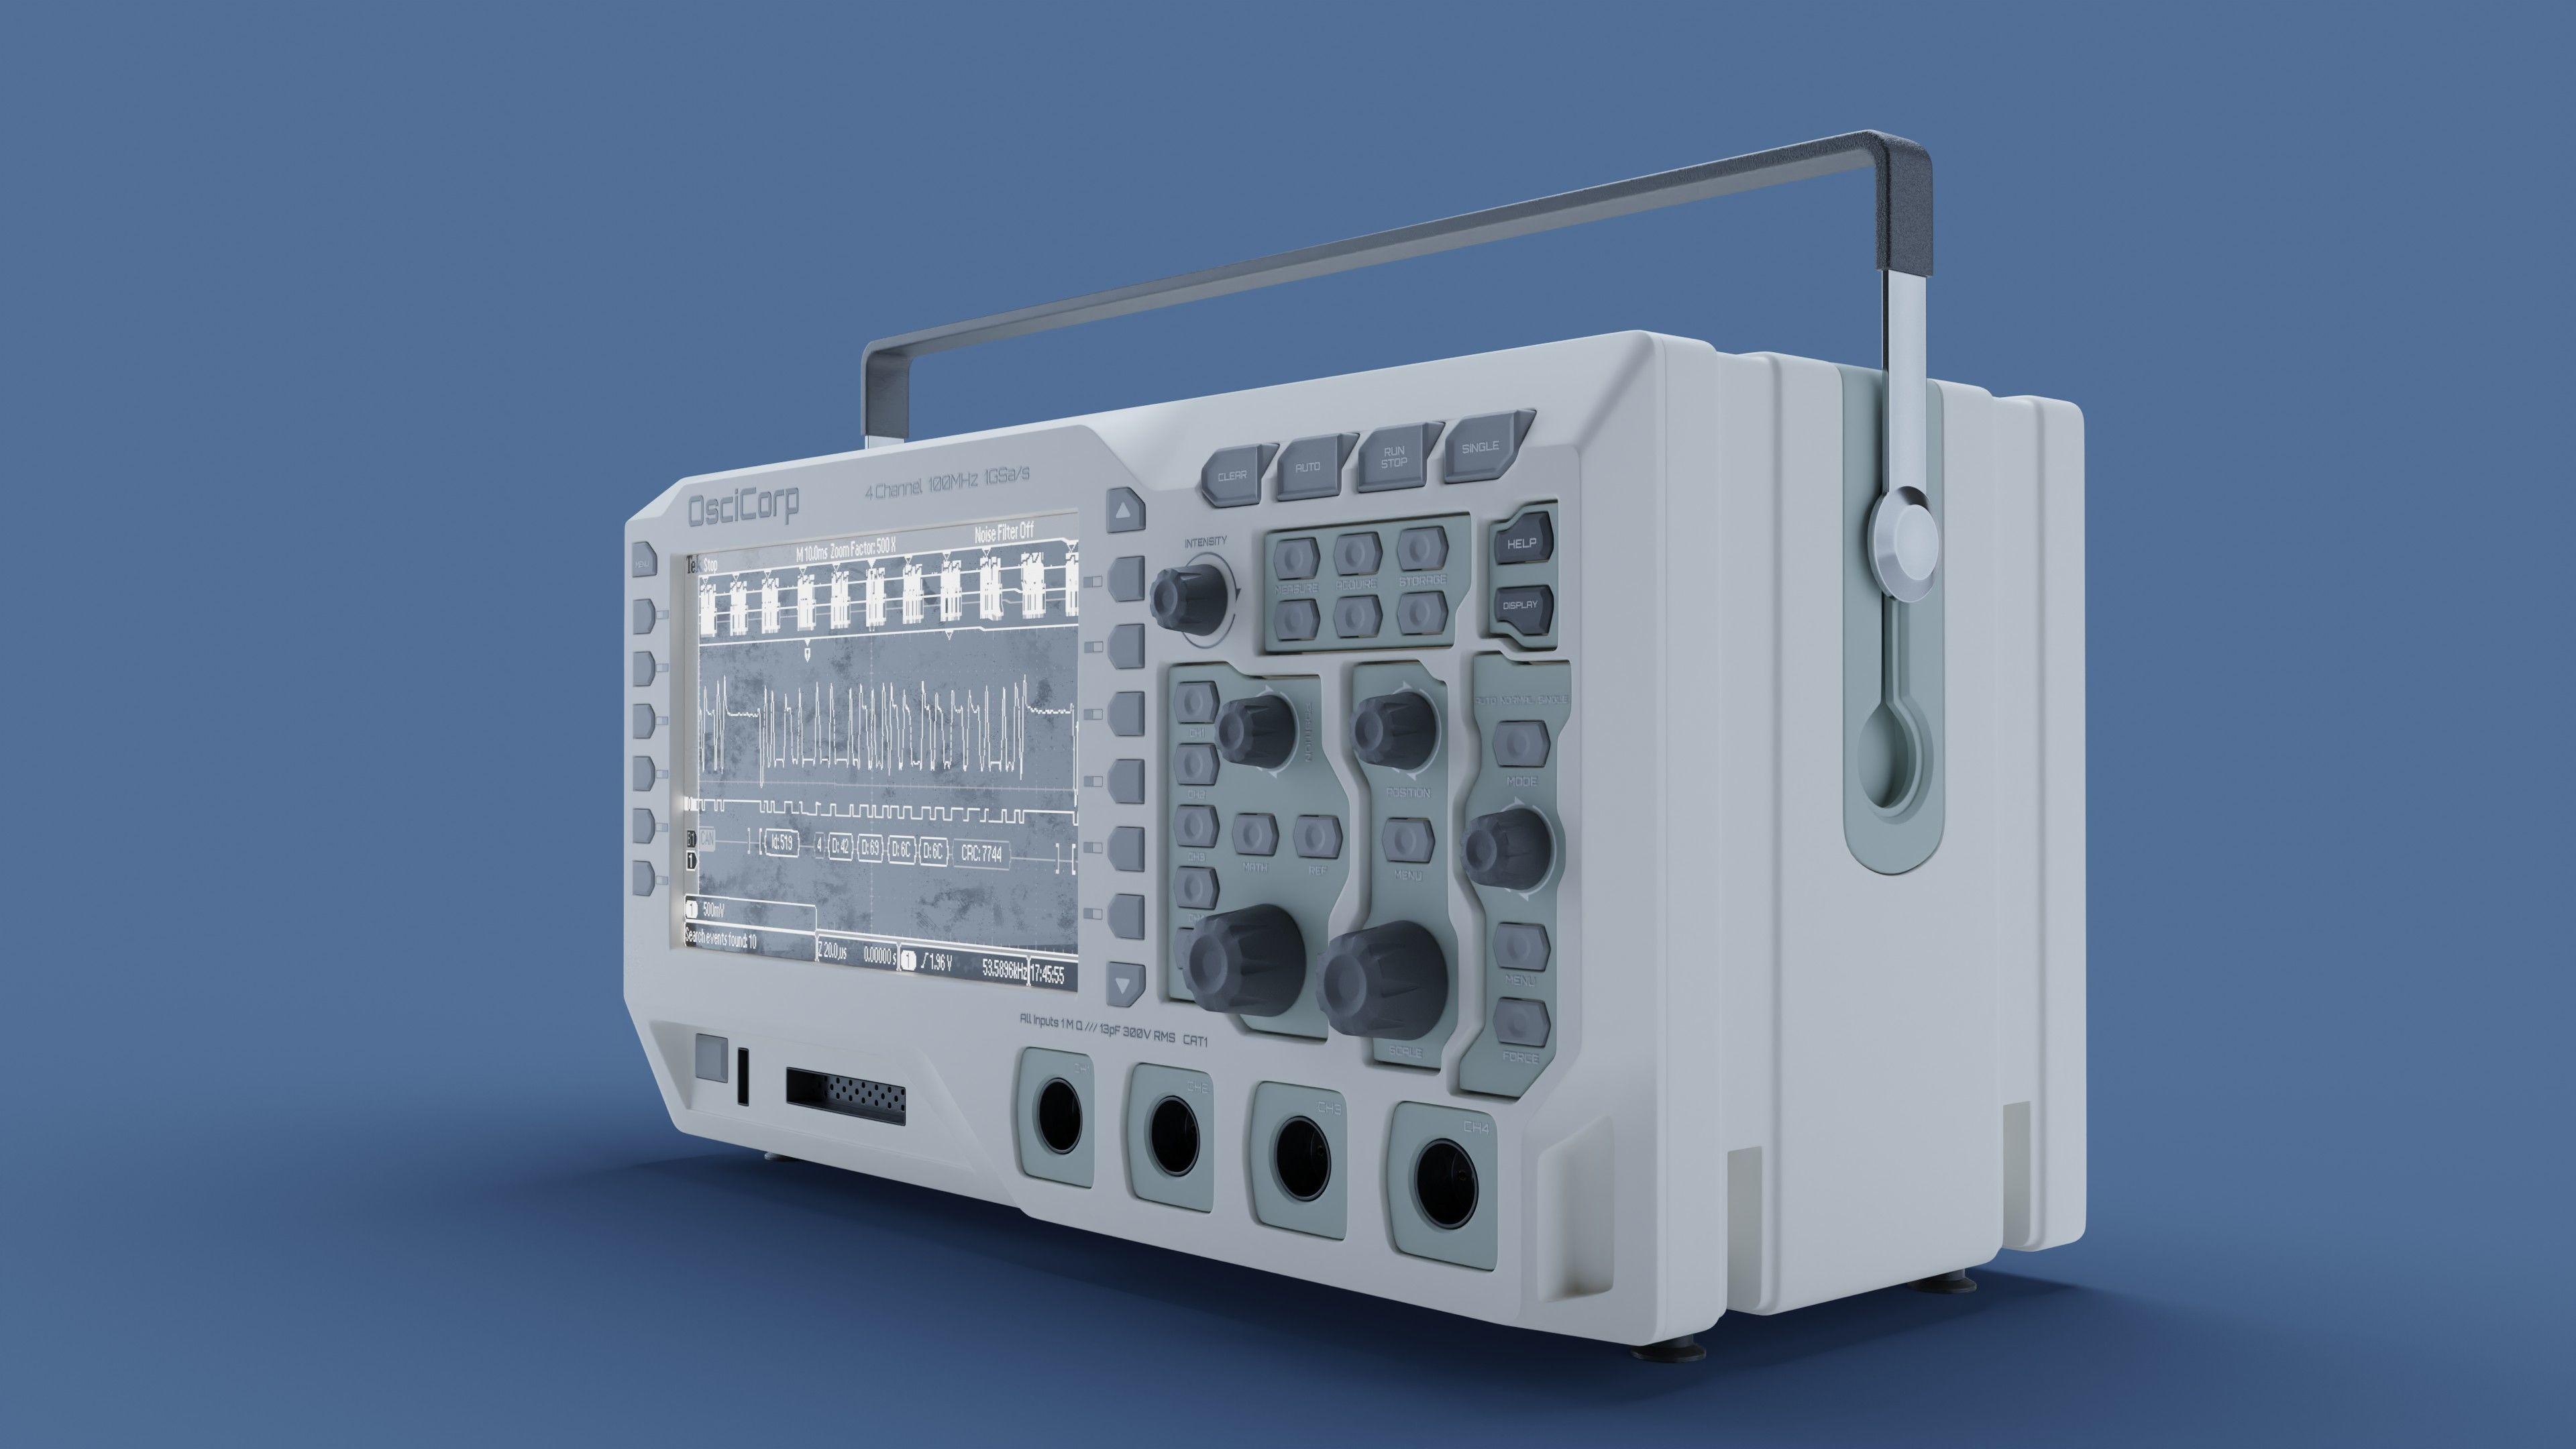 Rigol Oscilloscope